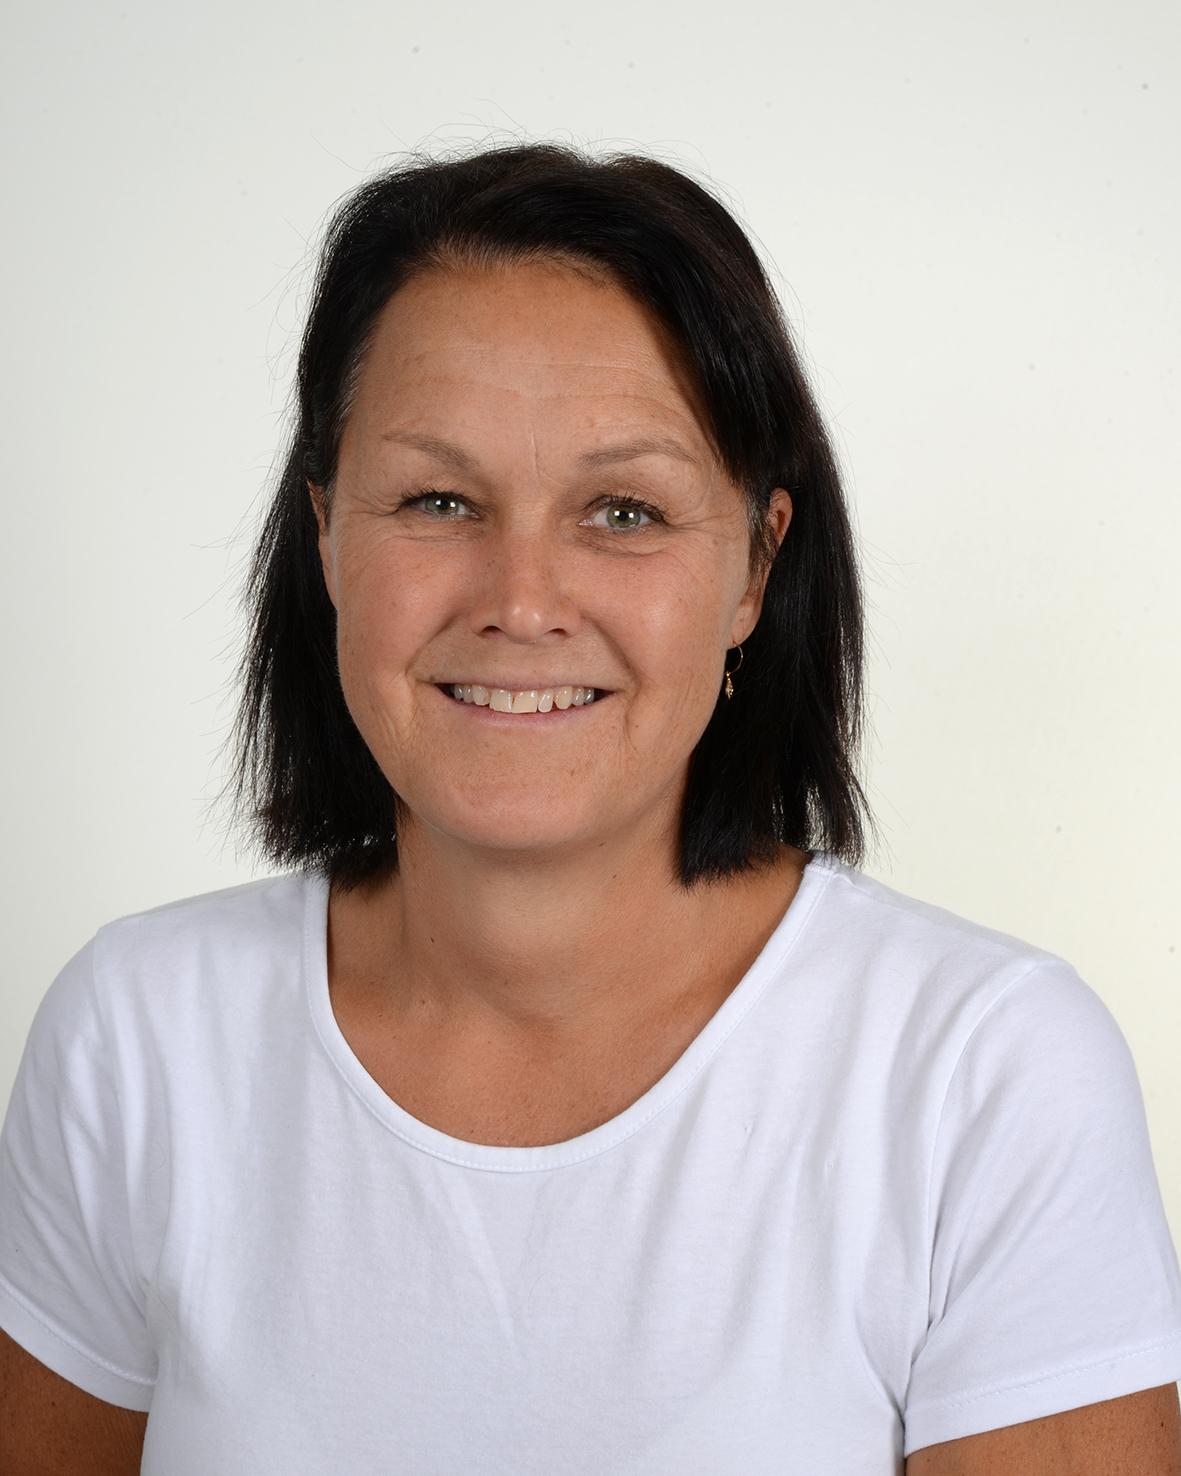 Lena Davet